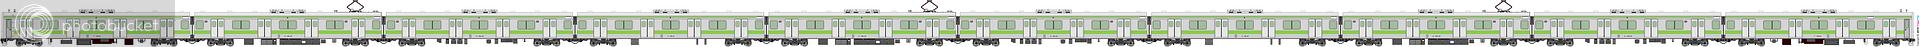 [5142] Japanese National Railways 2142